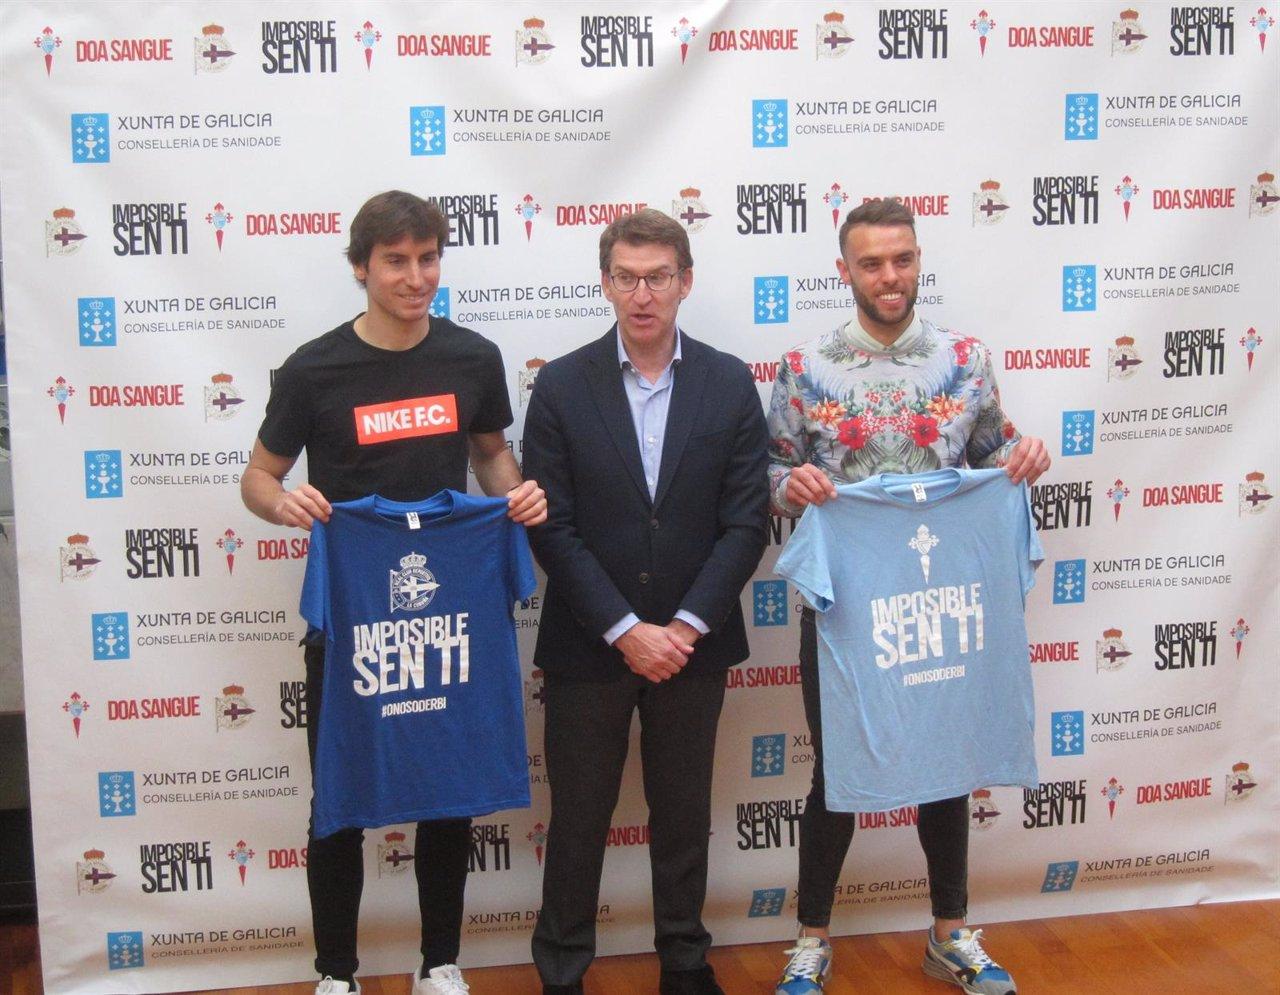 Pedro Mosquera (Dépor), Feijóo y Sergio Álvarez (Celta) animan a donar sangre